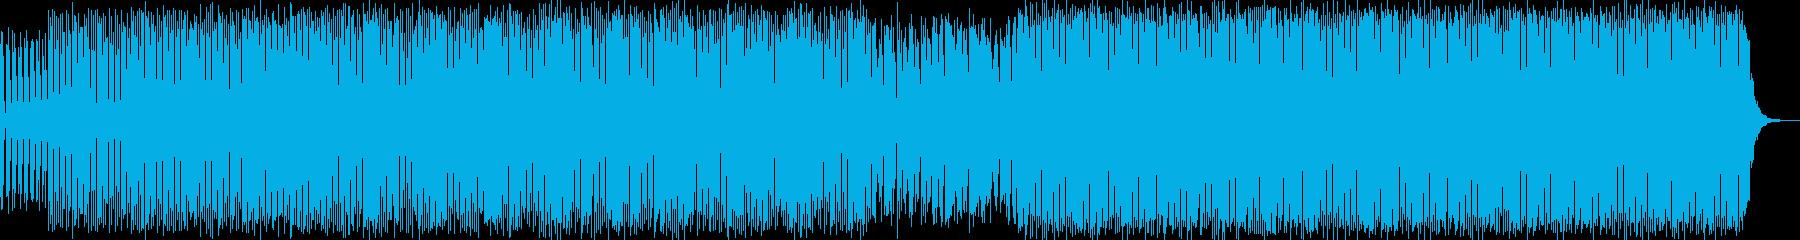 クールエレクトロニカハウスミュージックの再生済みの波形